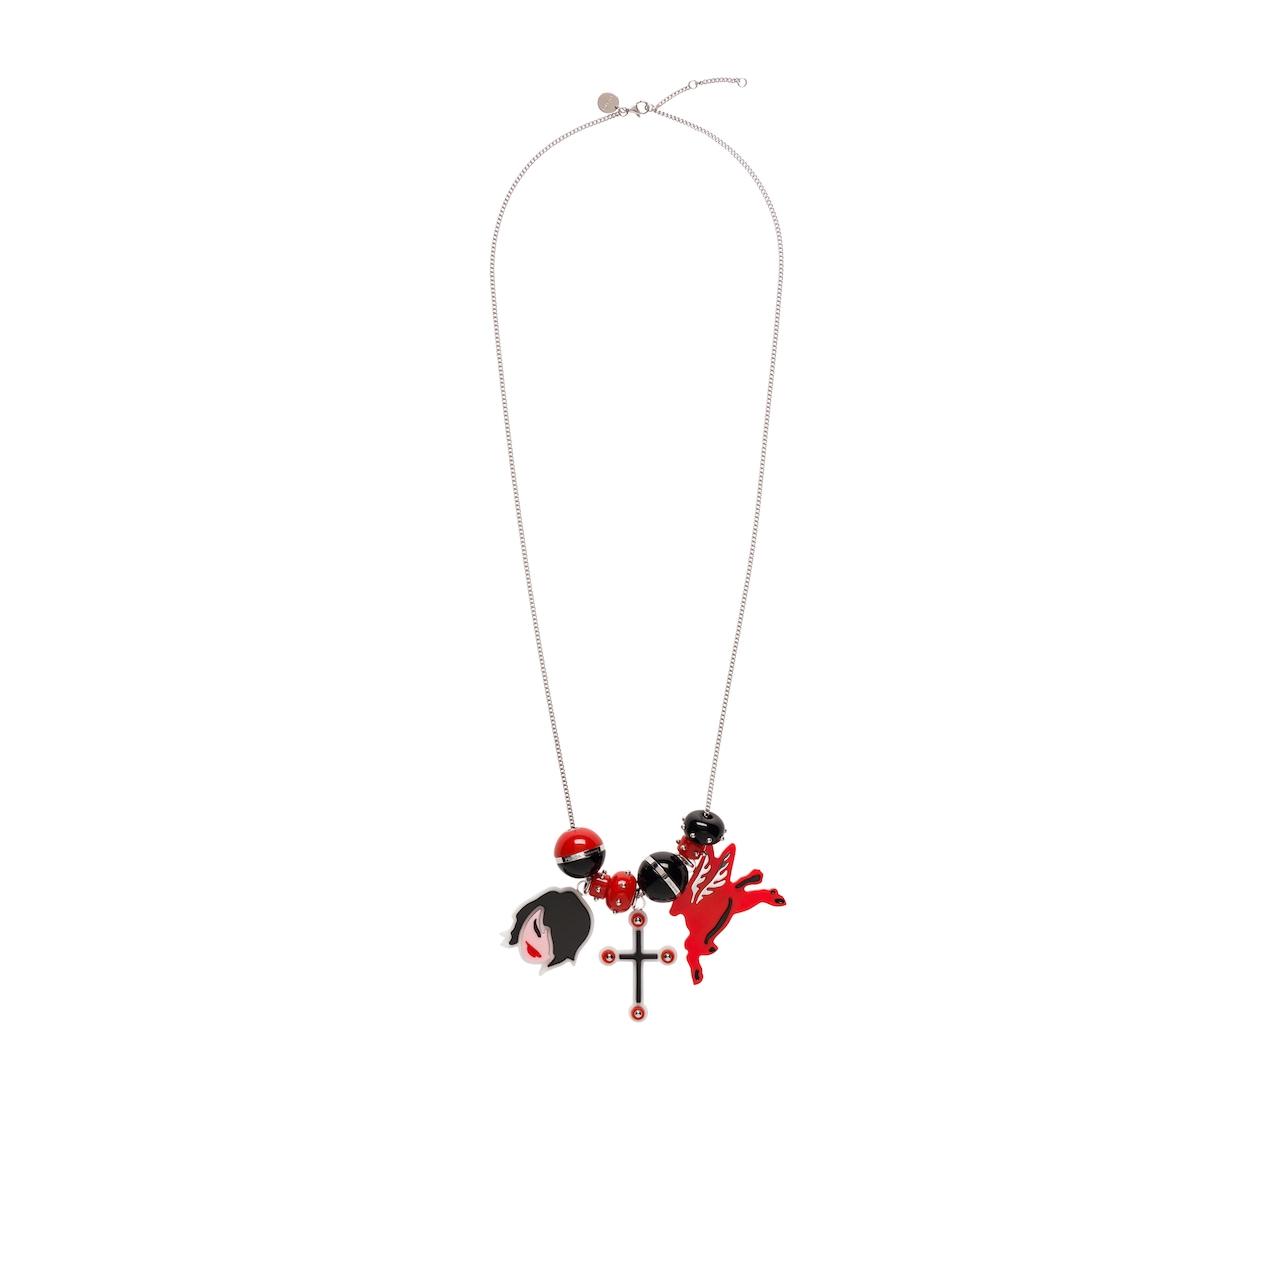 Prada Pop necklace